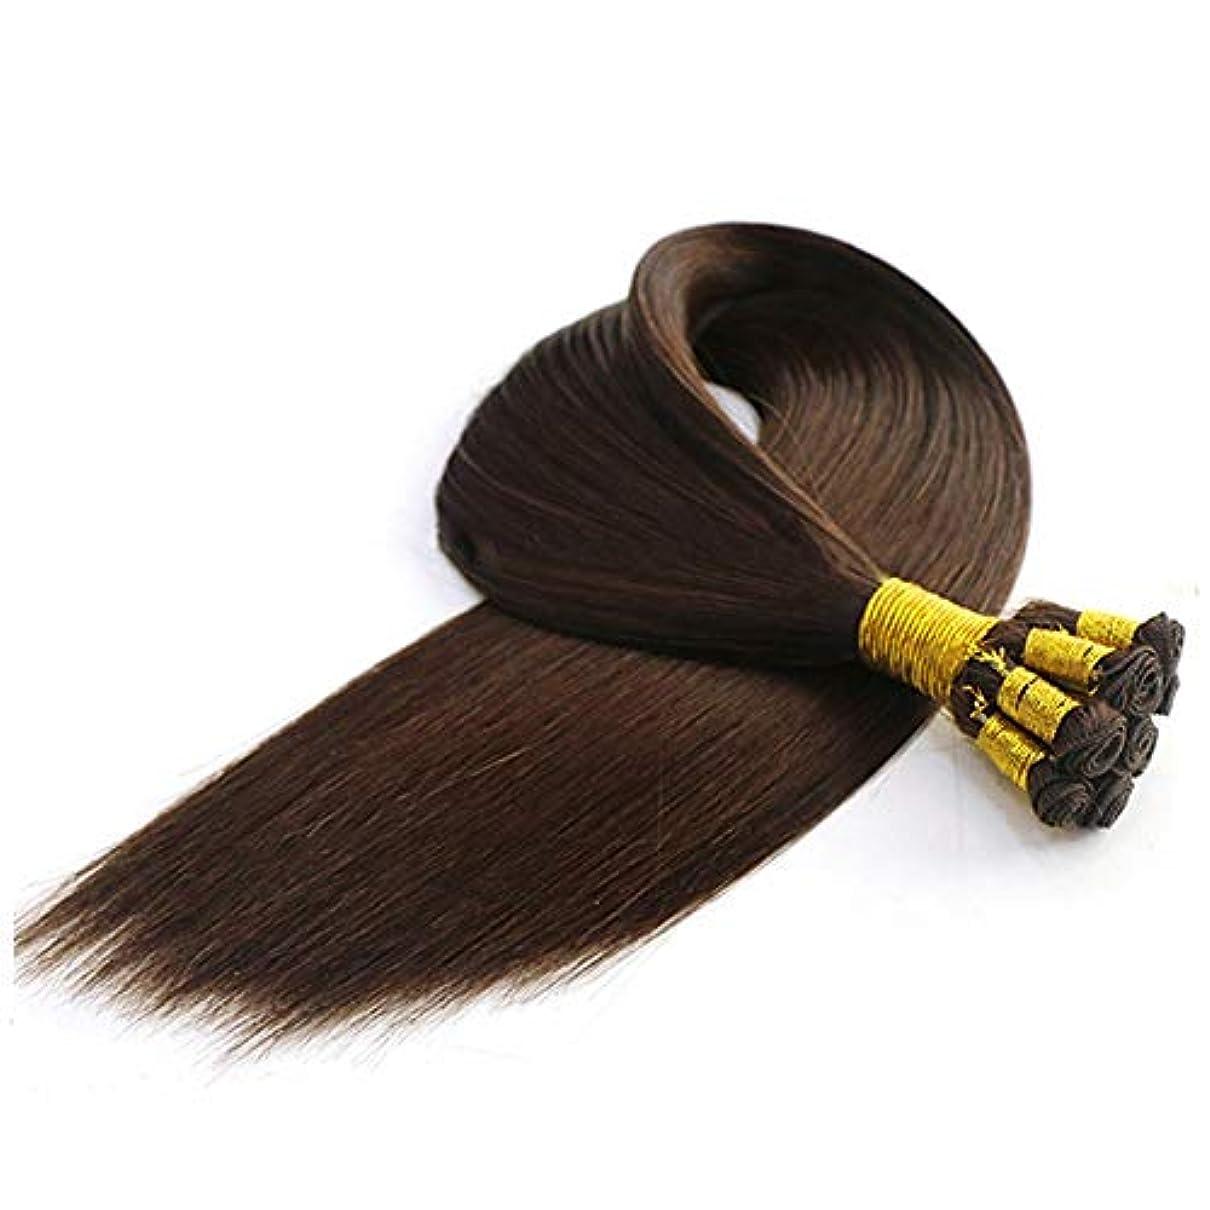 髄キャメル円形のWASAIO ヘアエクステンションクリップUnseamed髪型マイクロナノリングSluttishループマイクロビーズ人間の20インチブラウン色 (色 : ブラウン, サイズ : 28 inch)